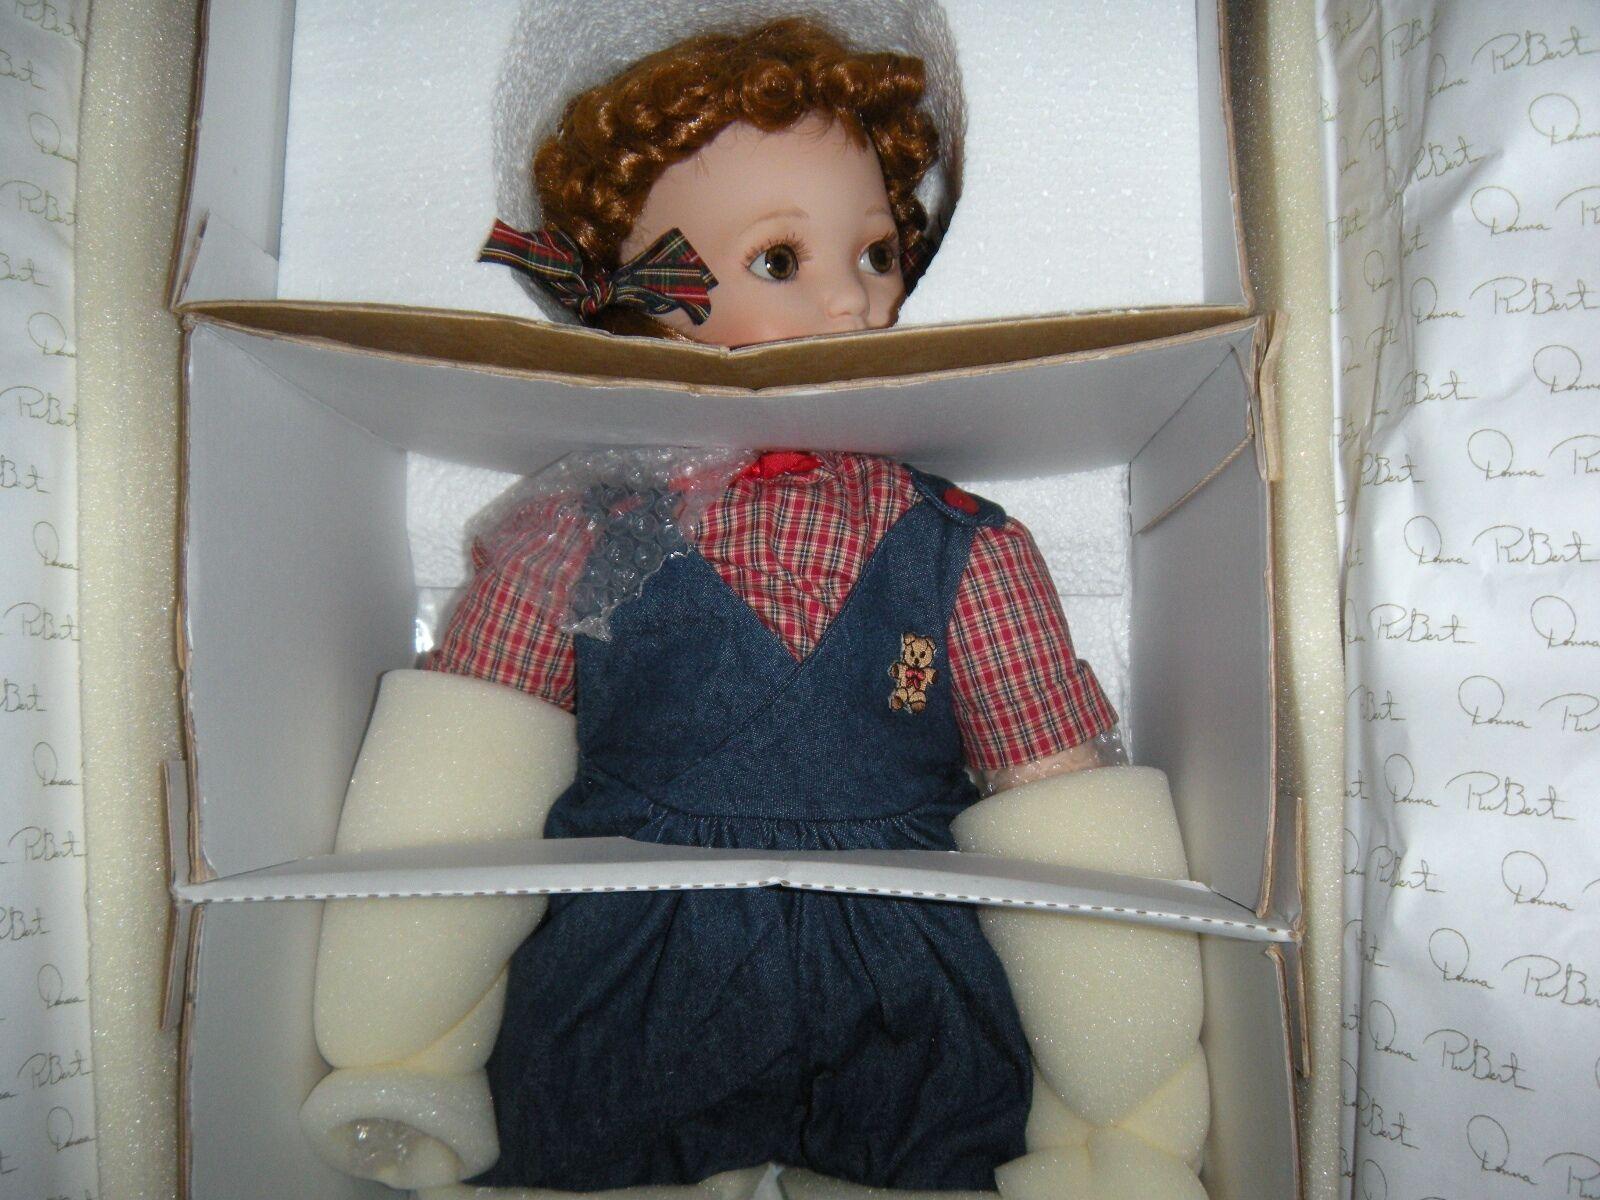 Mujer Rubert Bebé Hannah 25 25 25  Porcelana & Cloth & Perro 0916 1000 en todo el mundo cert. de autenticidad  cómodamente